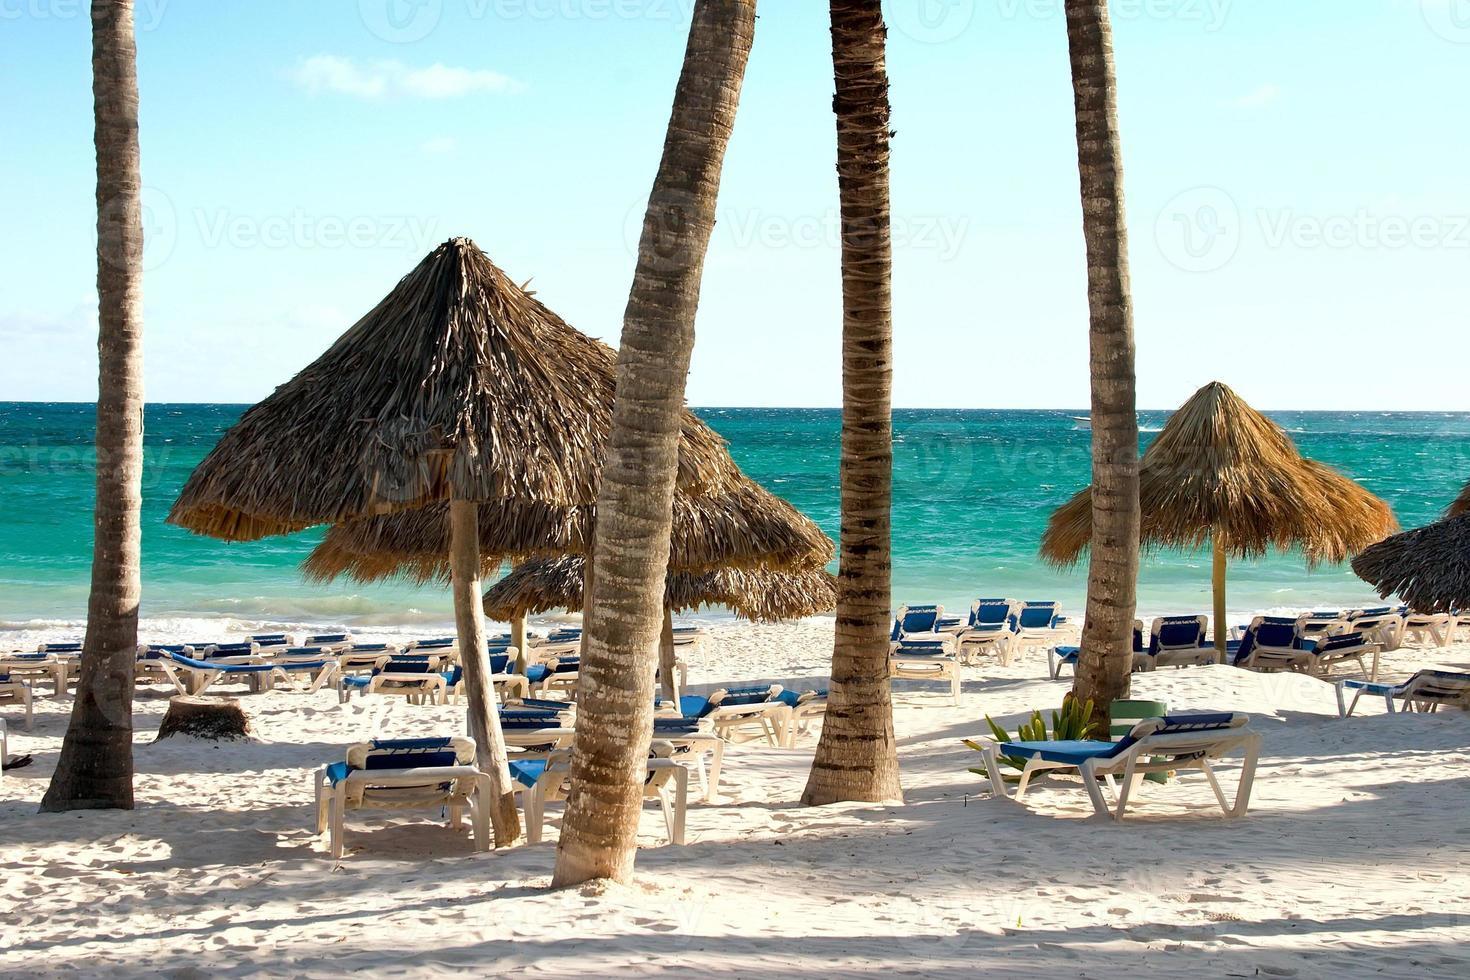 sabbia, oceano e palme foto